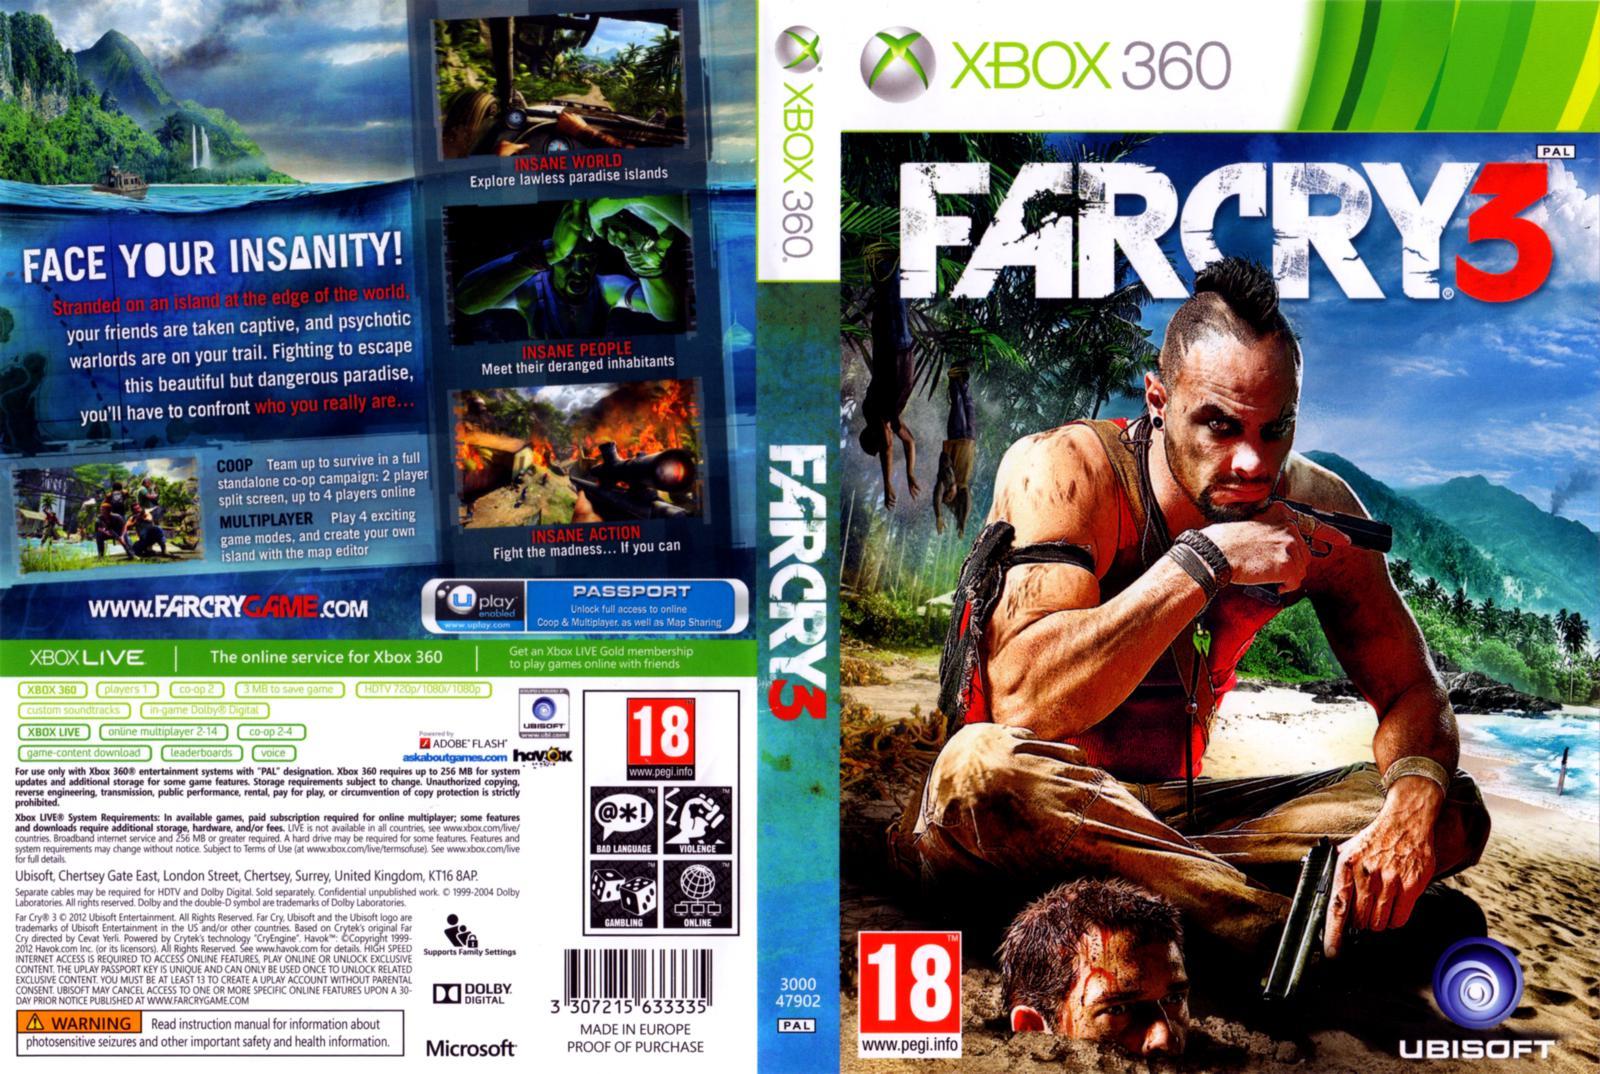 COVER'S AKI: FAR CRY 3 - XBOX360